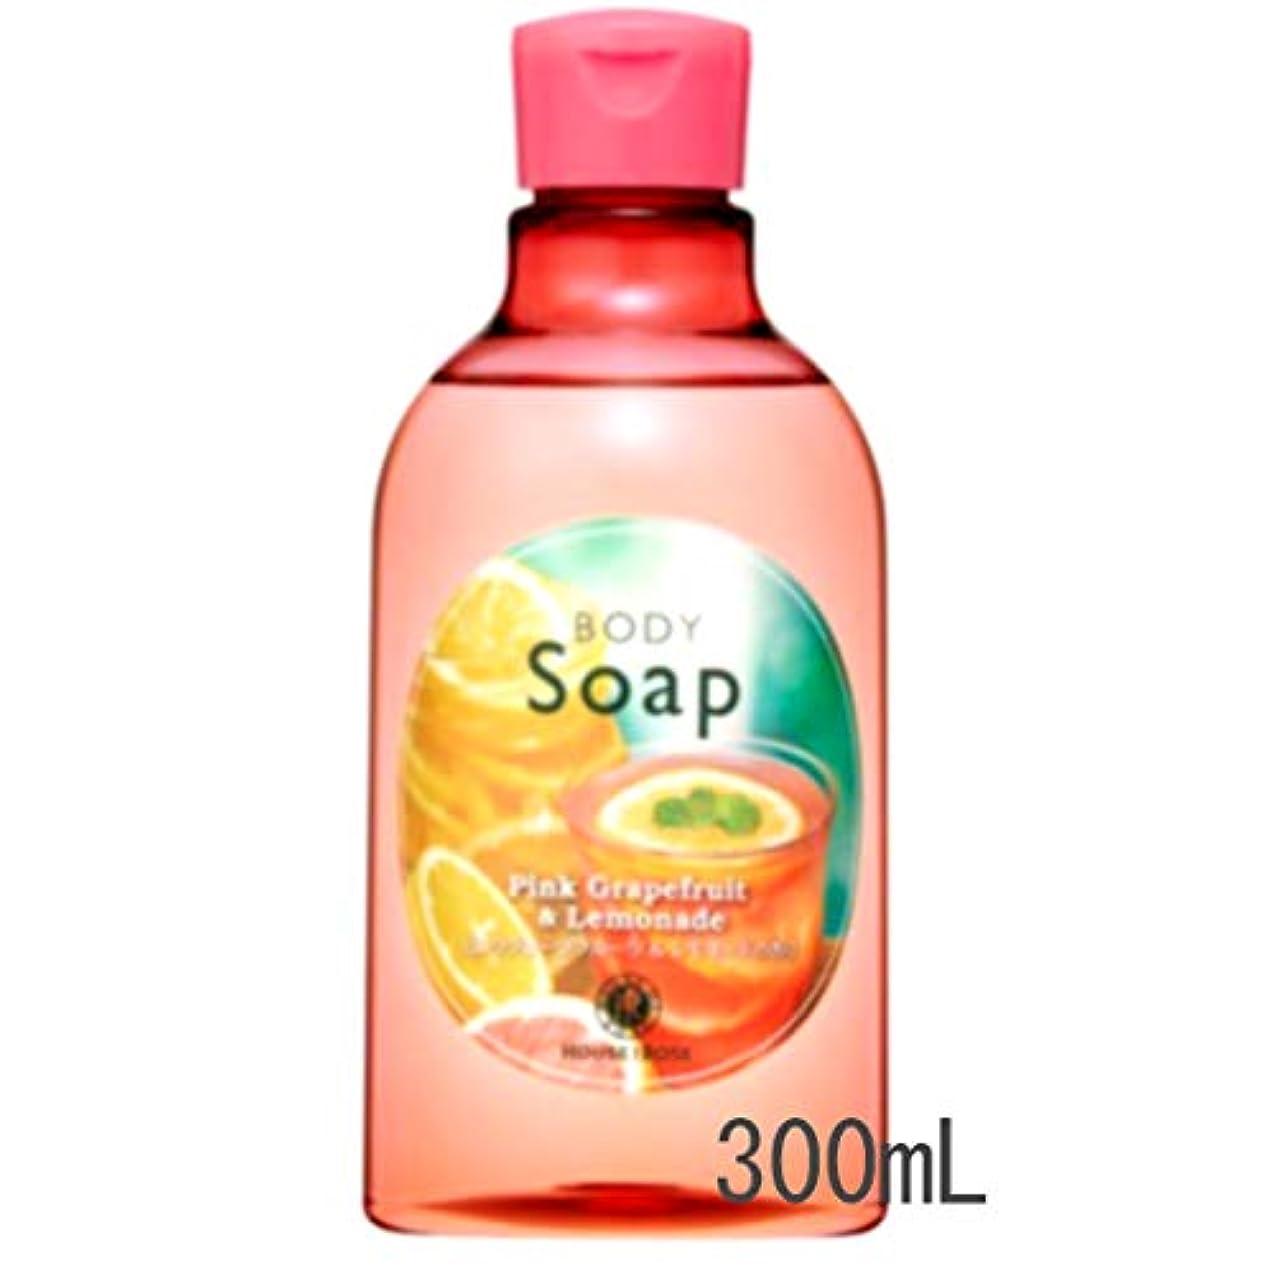 にぎやかマイルド晴れHOUSE OF ROSE(ハウスオブローゼ) ボディソープ PL(ピンクグレープフルーツ&レモネードの香り)300mL